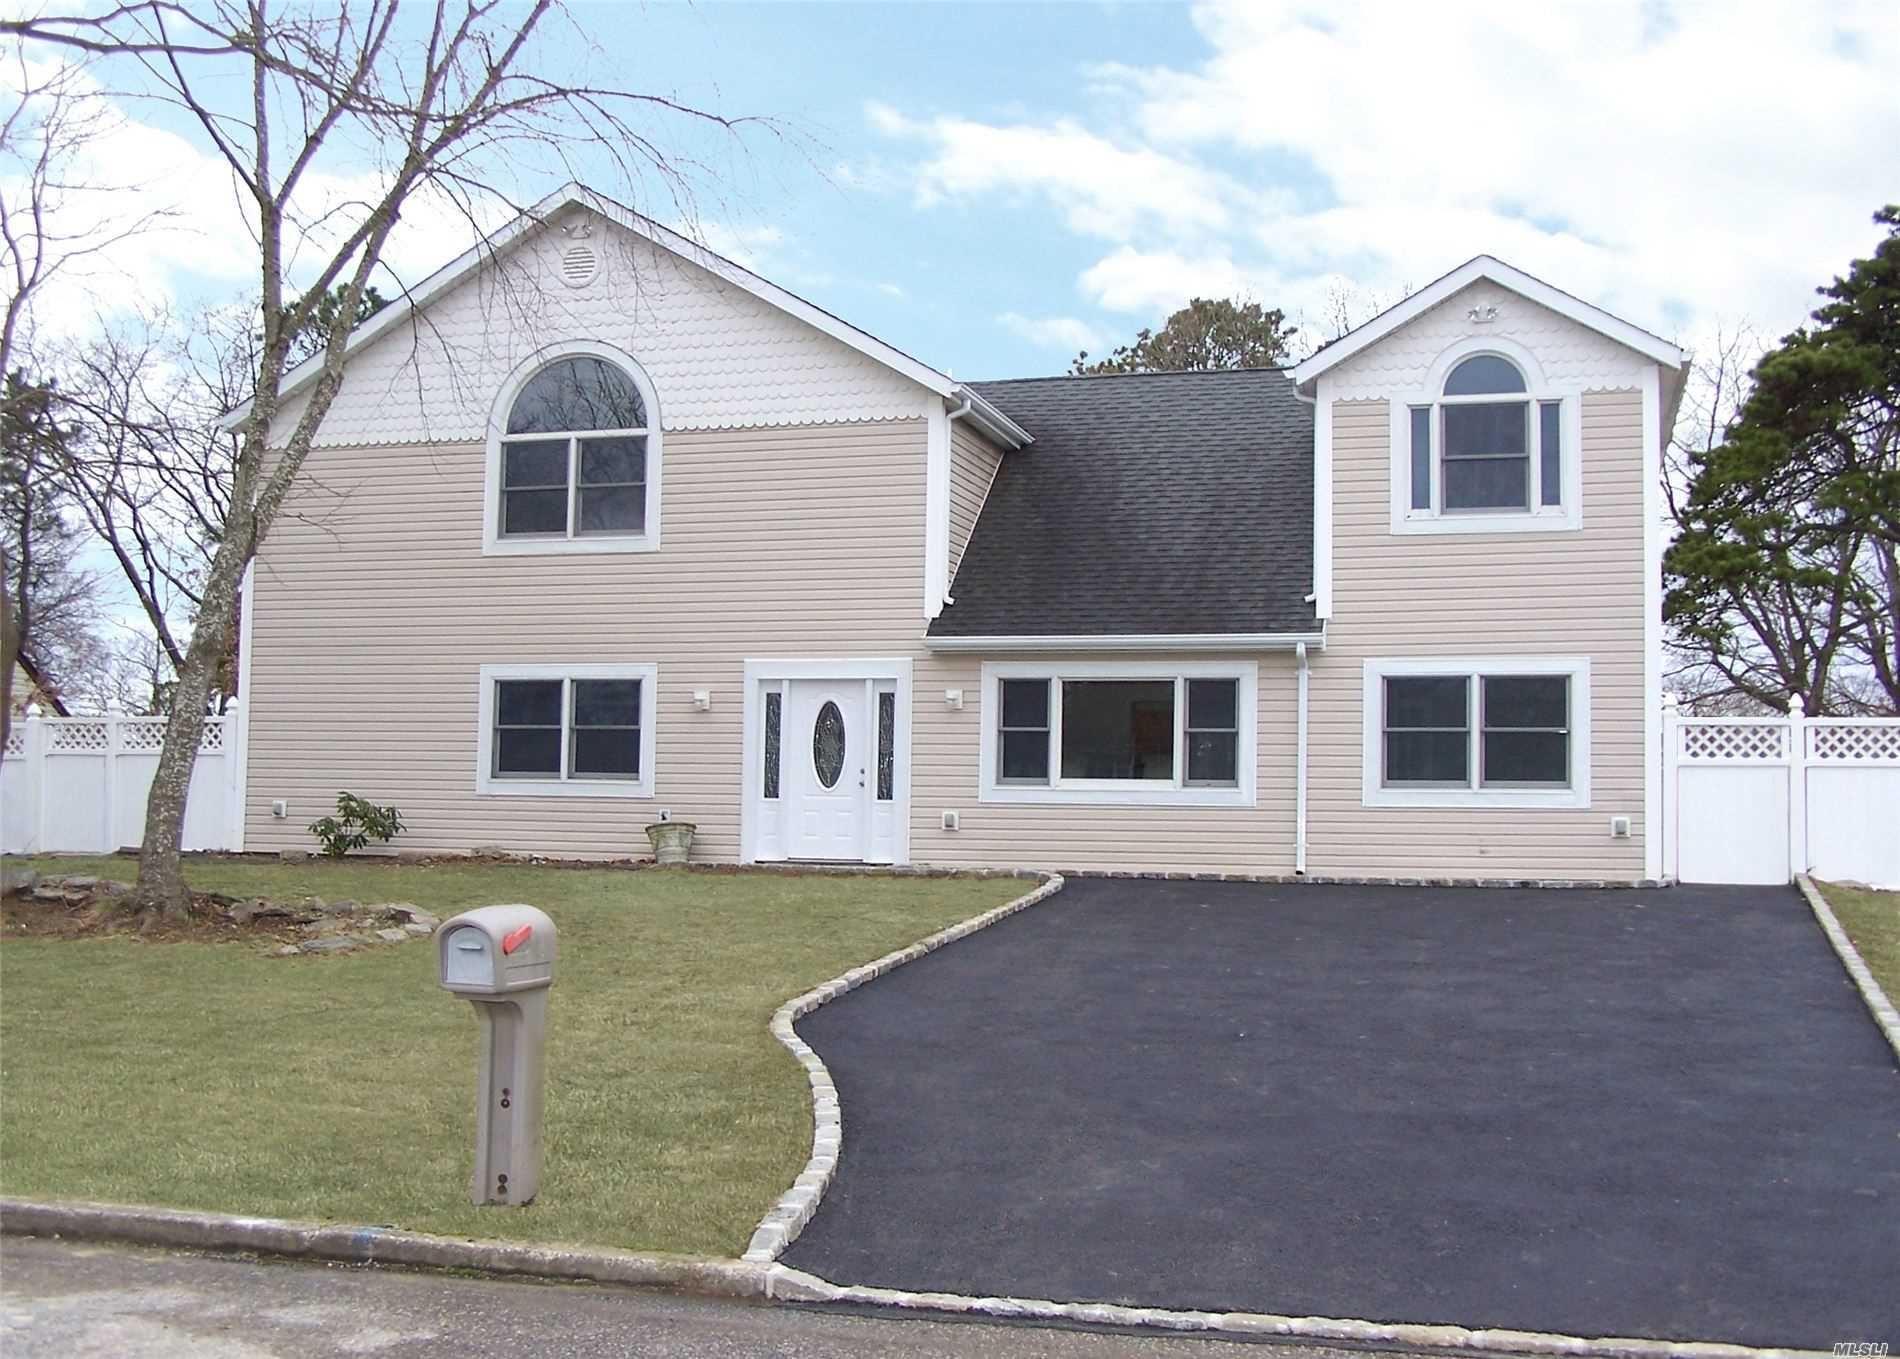 32 Blackpine Drive, Medford, NY 11763 - MLS#: 3205701